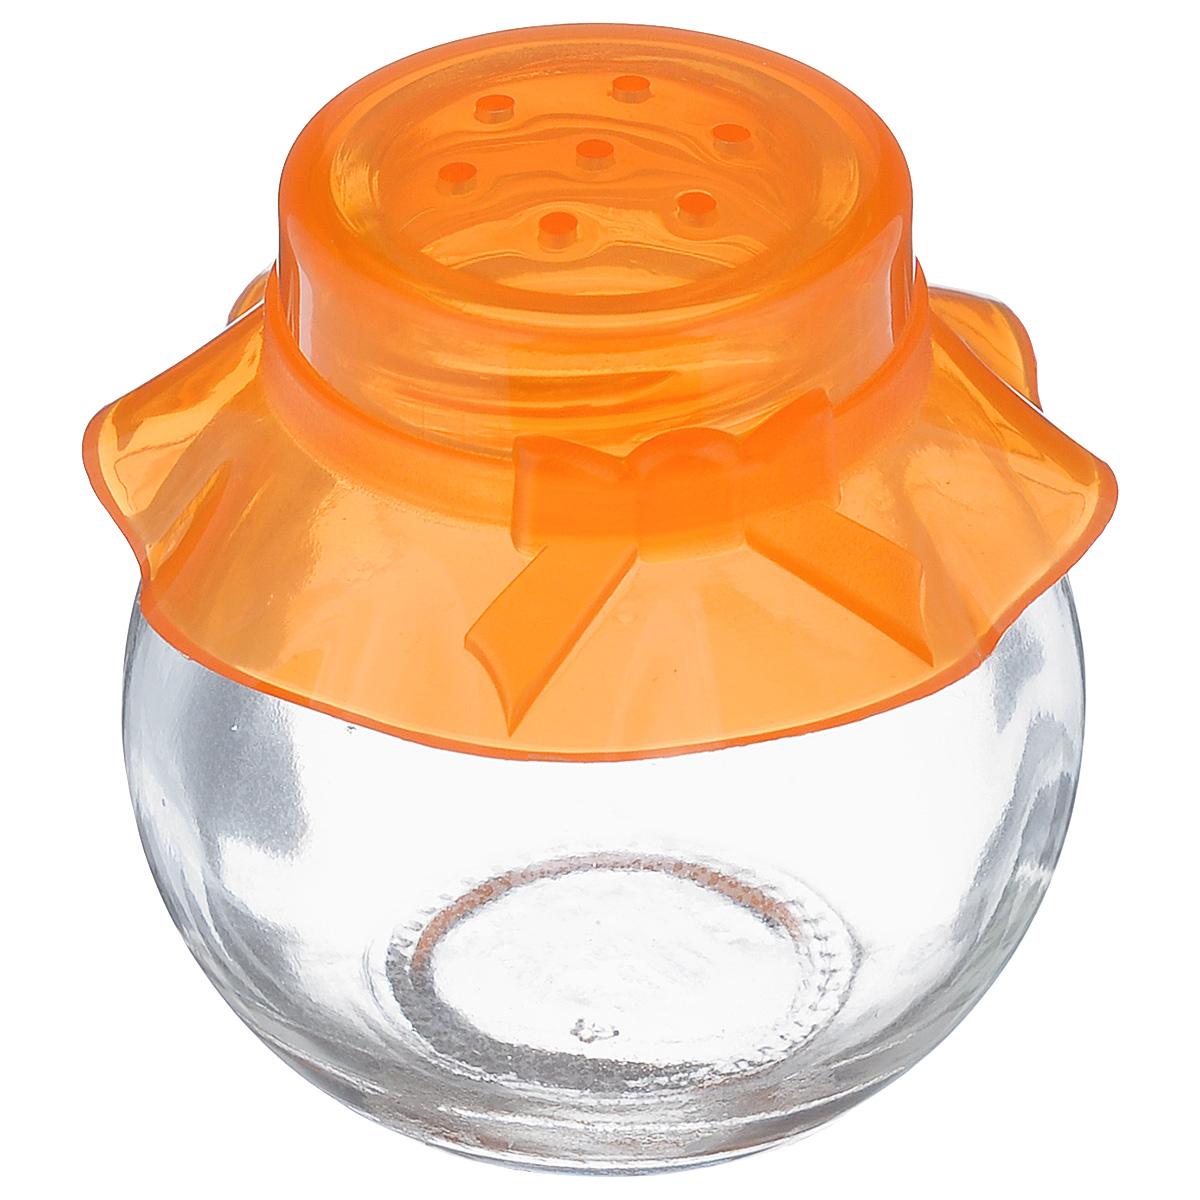 Банка для специй Herevin, цвет: прозрачный, оранжевый, 60 мл. 121051-000FD-59Банка для специй Herevin выполнена из прозрачного стекла и оснащена пластиковой цветной крышкой с отверстиями, благодаря которым, вы сможете приправить блюда, просто перевернув банку. Крышка легко откручивается, благодаря чему засыпать приправу внутрь очень просто. Такая баночка станет достойным дополнением к вашему кухонному инвентарю. Можно мыть в посудомоечной машине.Объем: 60 мл.Диаметр (по верхнему краю): 2,5 см.Высота банки (без учета крышки): 5,5 см.